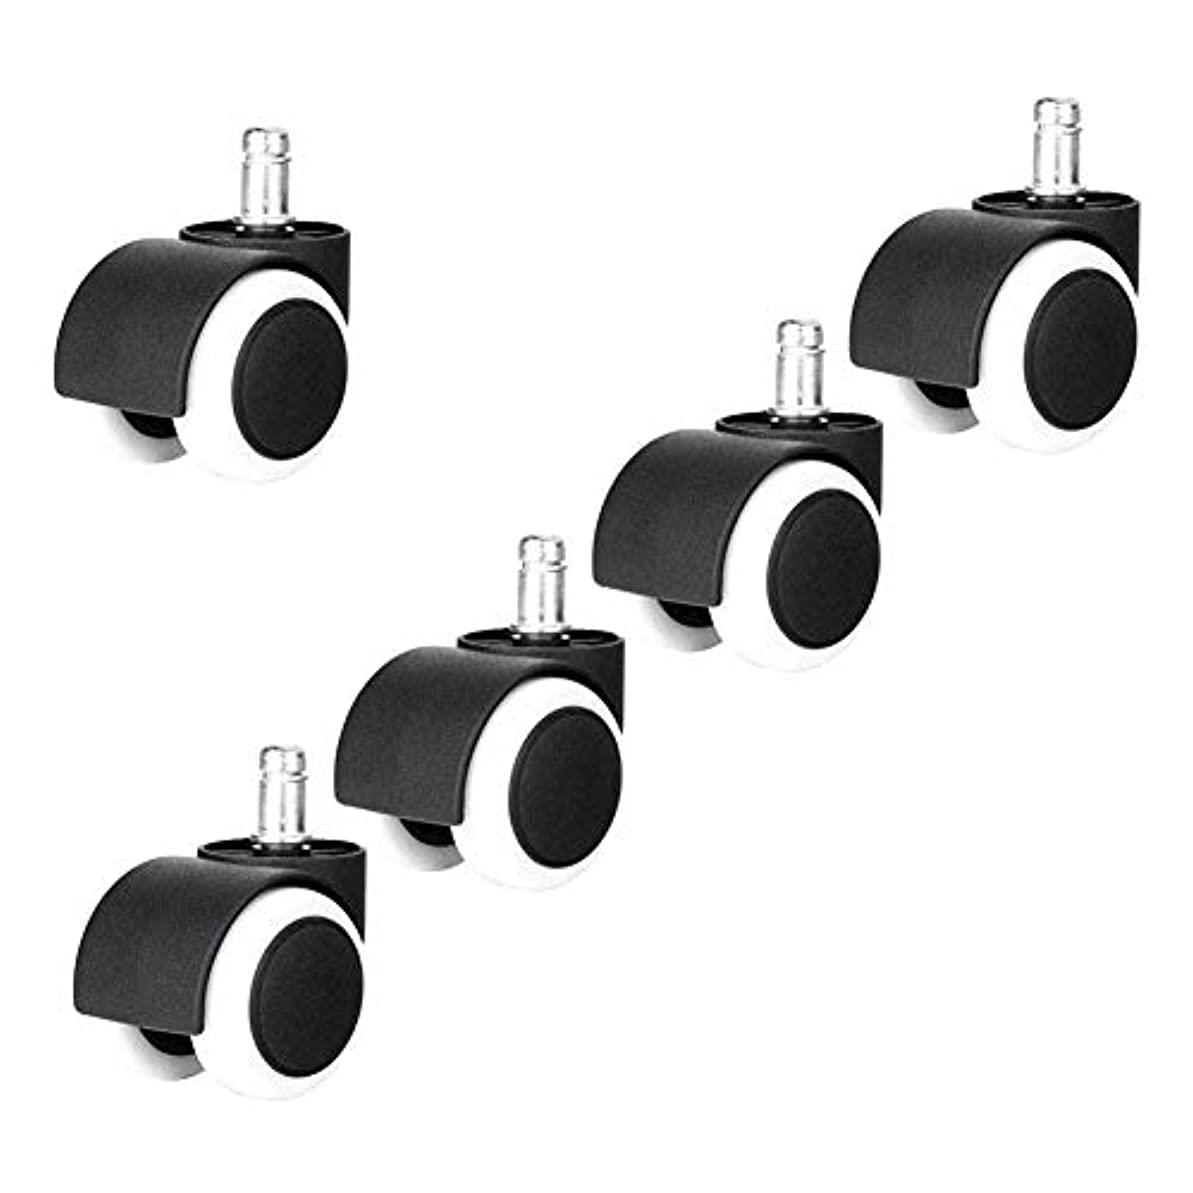 寂しい食用絶対にOAチェア用 ウレタンキャスター 5個セット ホイール差込式 360度回転 取替えキャスター 静音 傷つけにくい 適応穴直径11mm